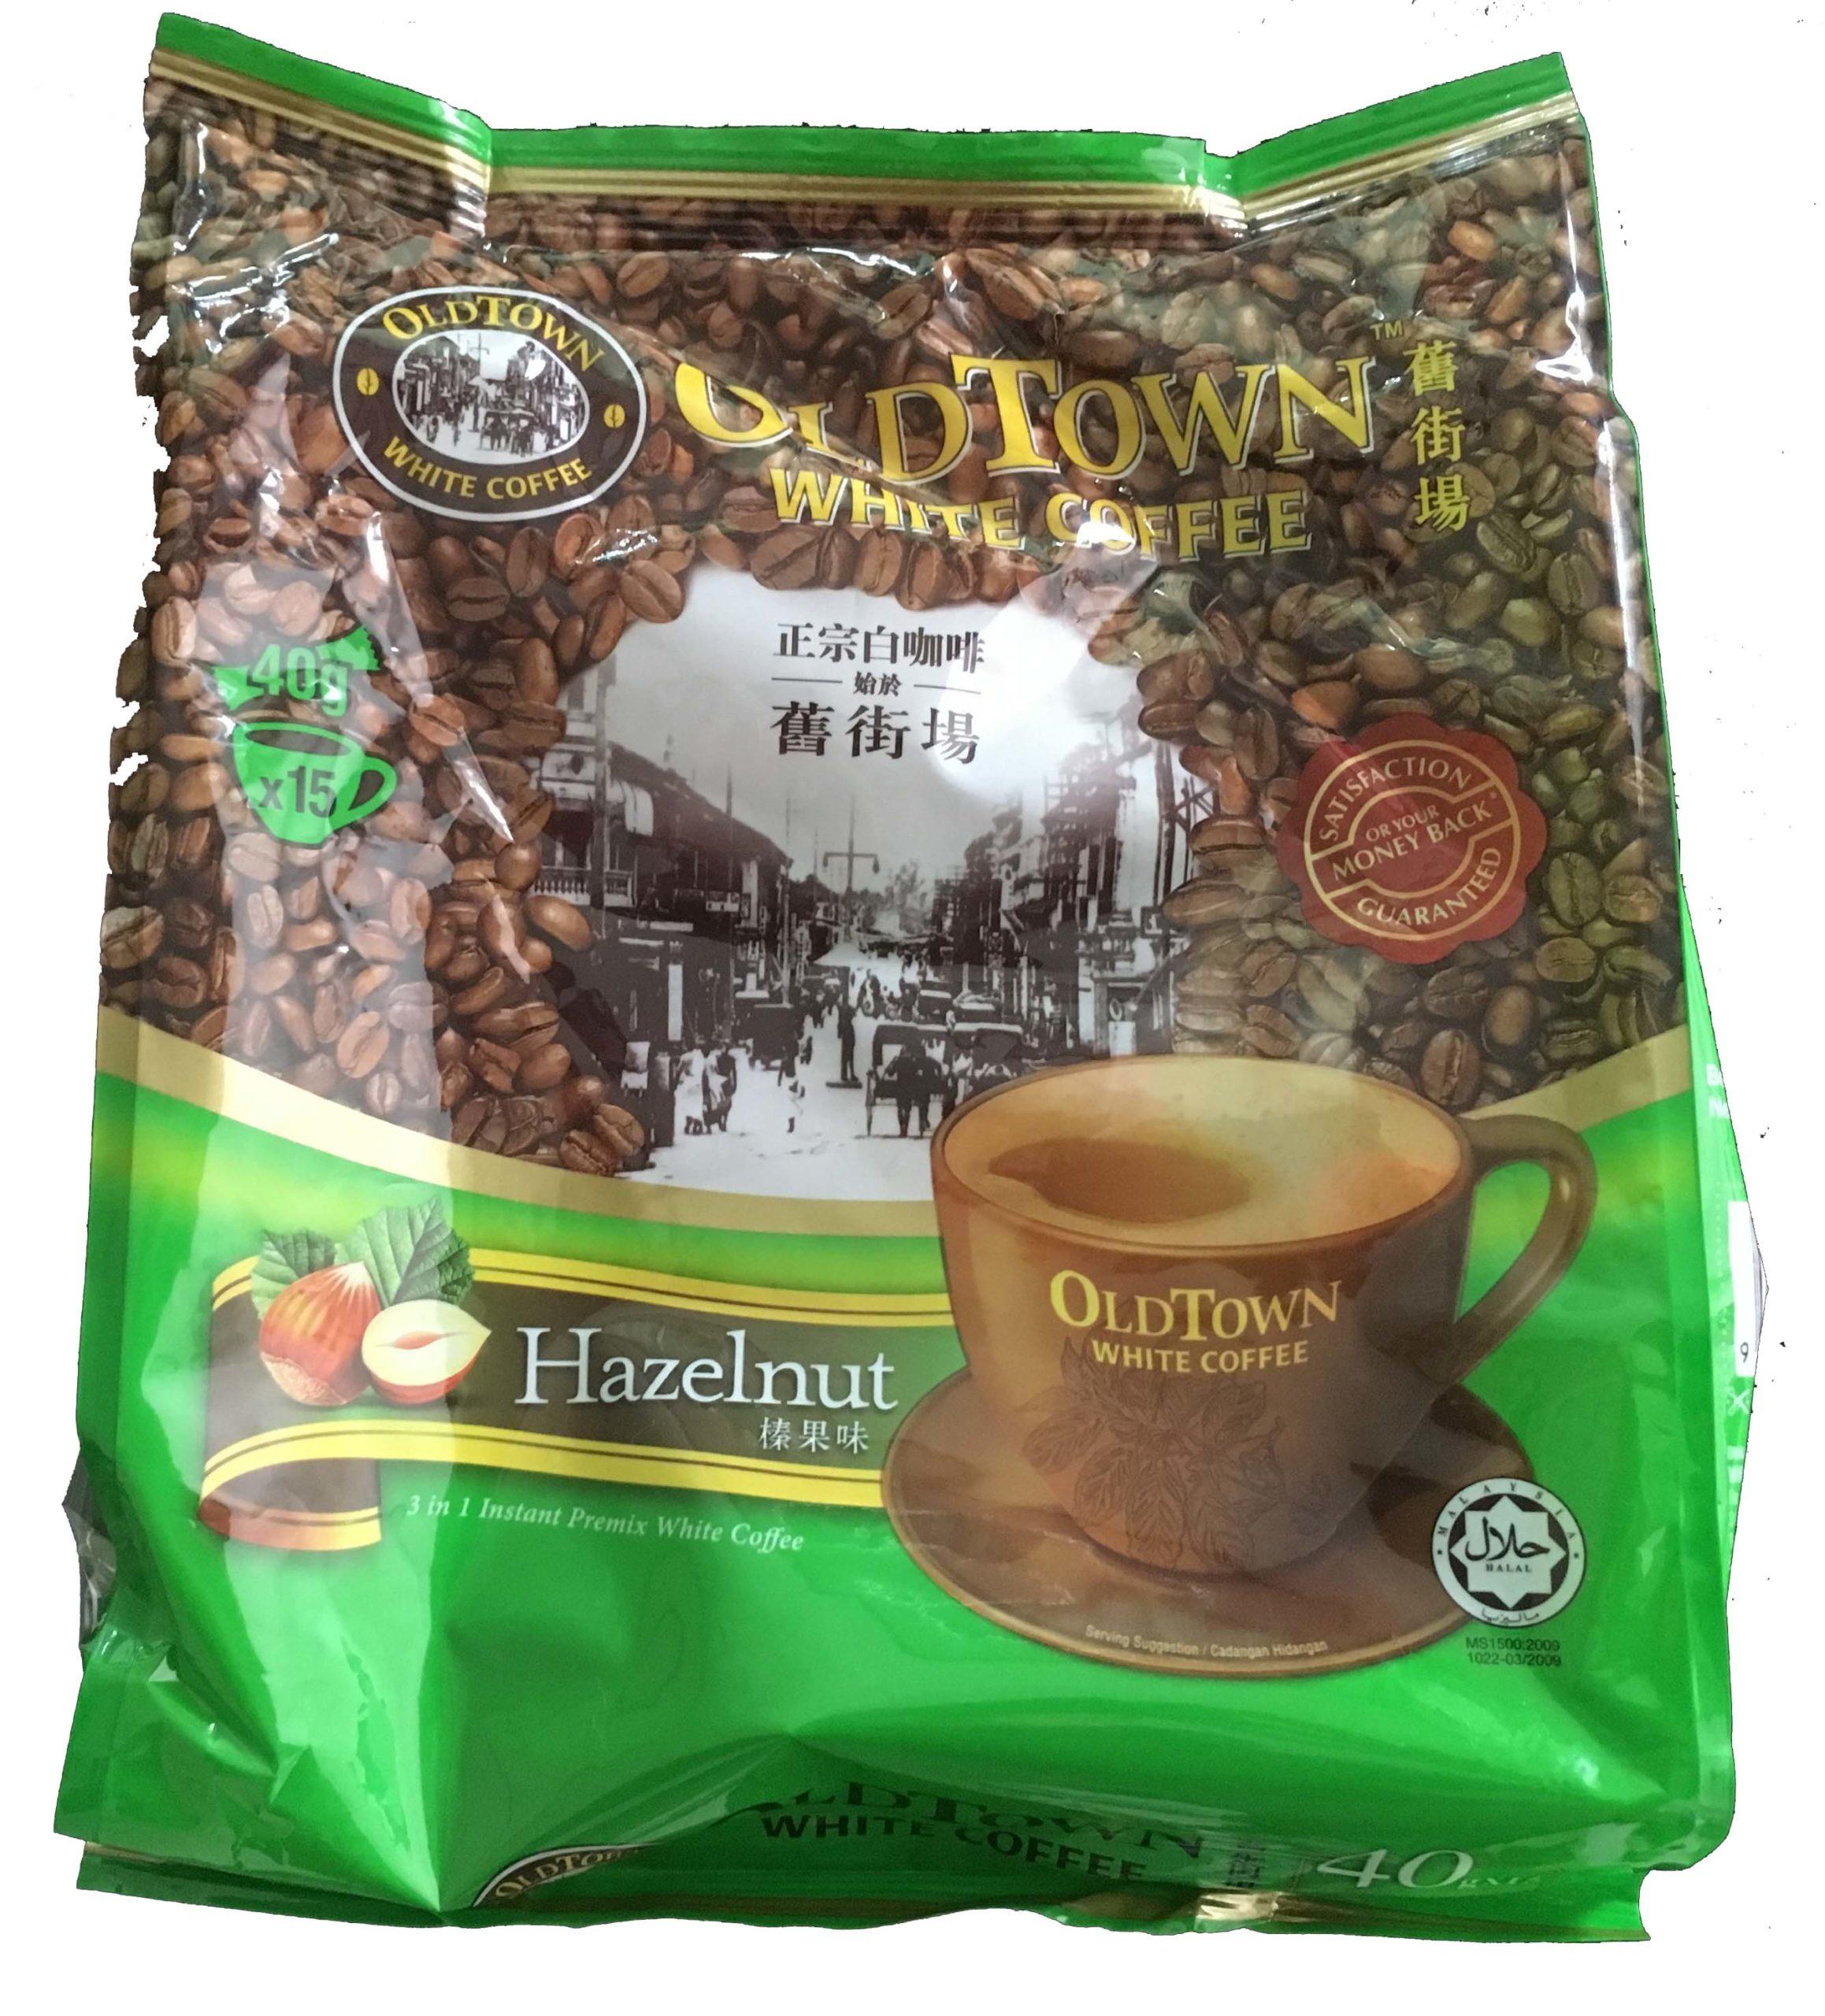 White Coffee Hazelnut